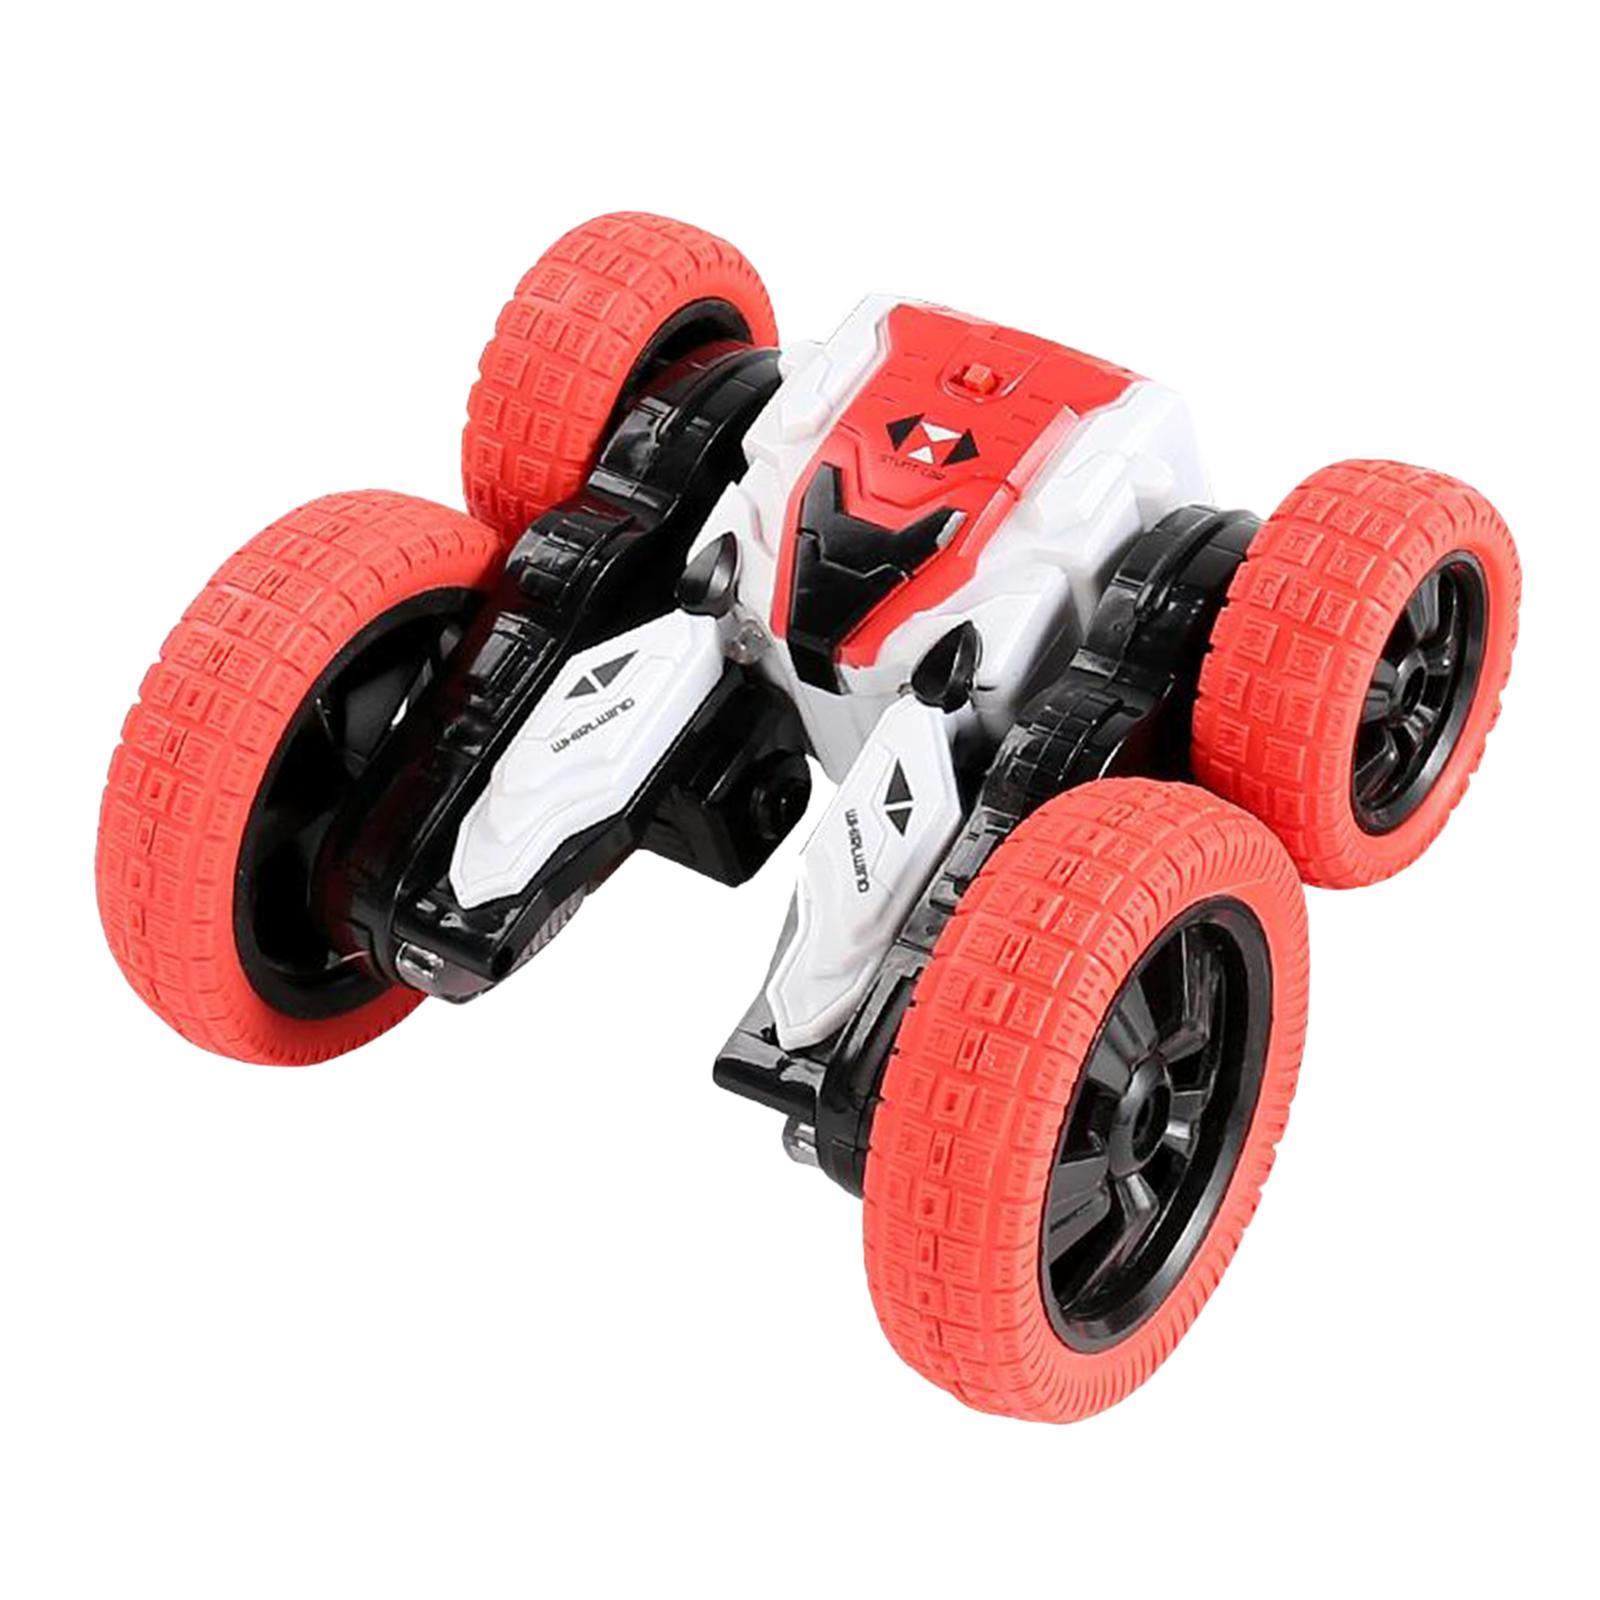 miniatura 31 - Telecomando Auto Stunt Car Giocattolo Per Bambini 2.4GHz di Controllo Remoto